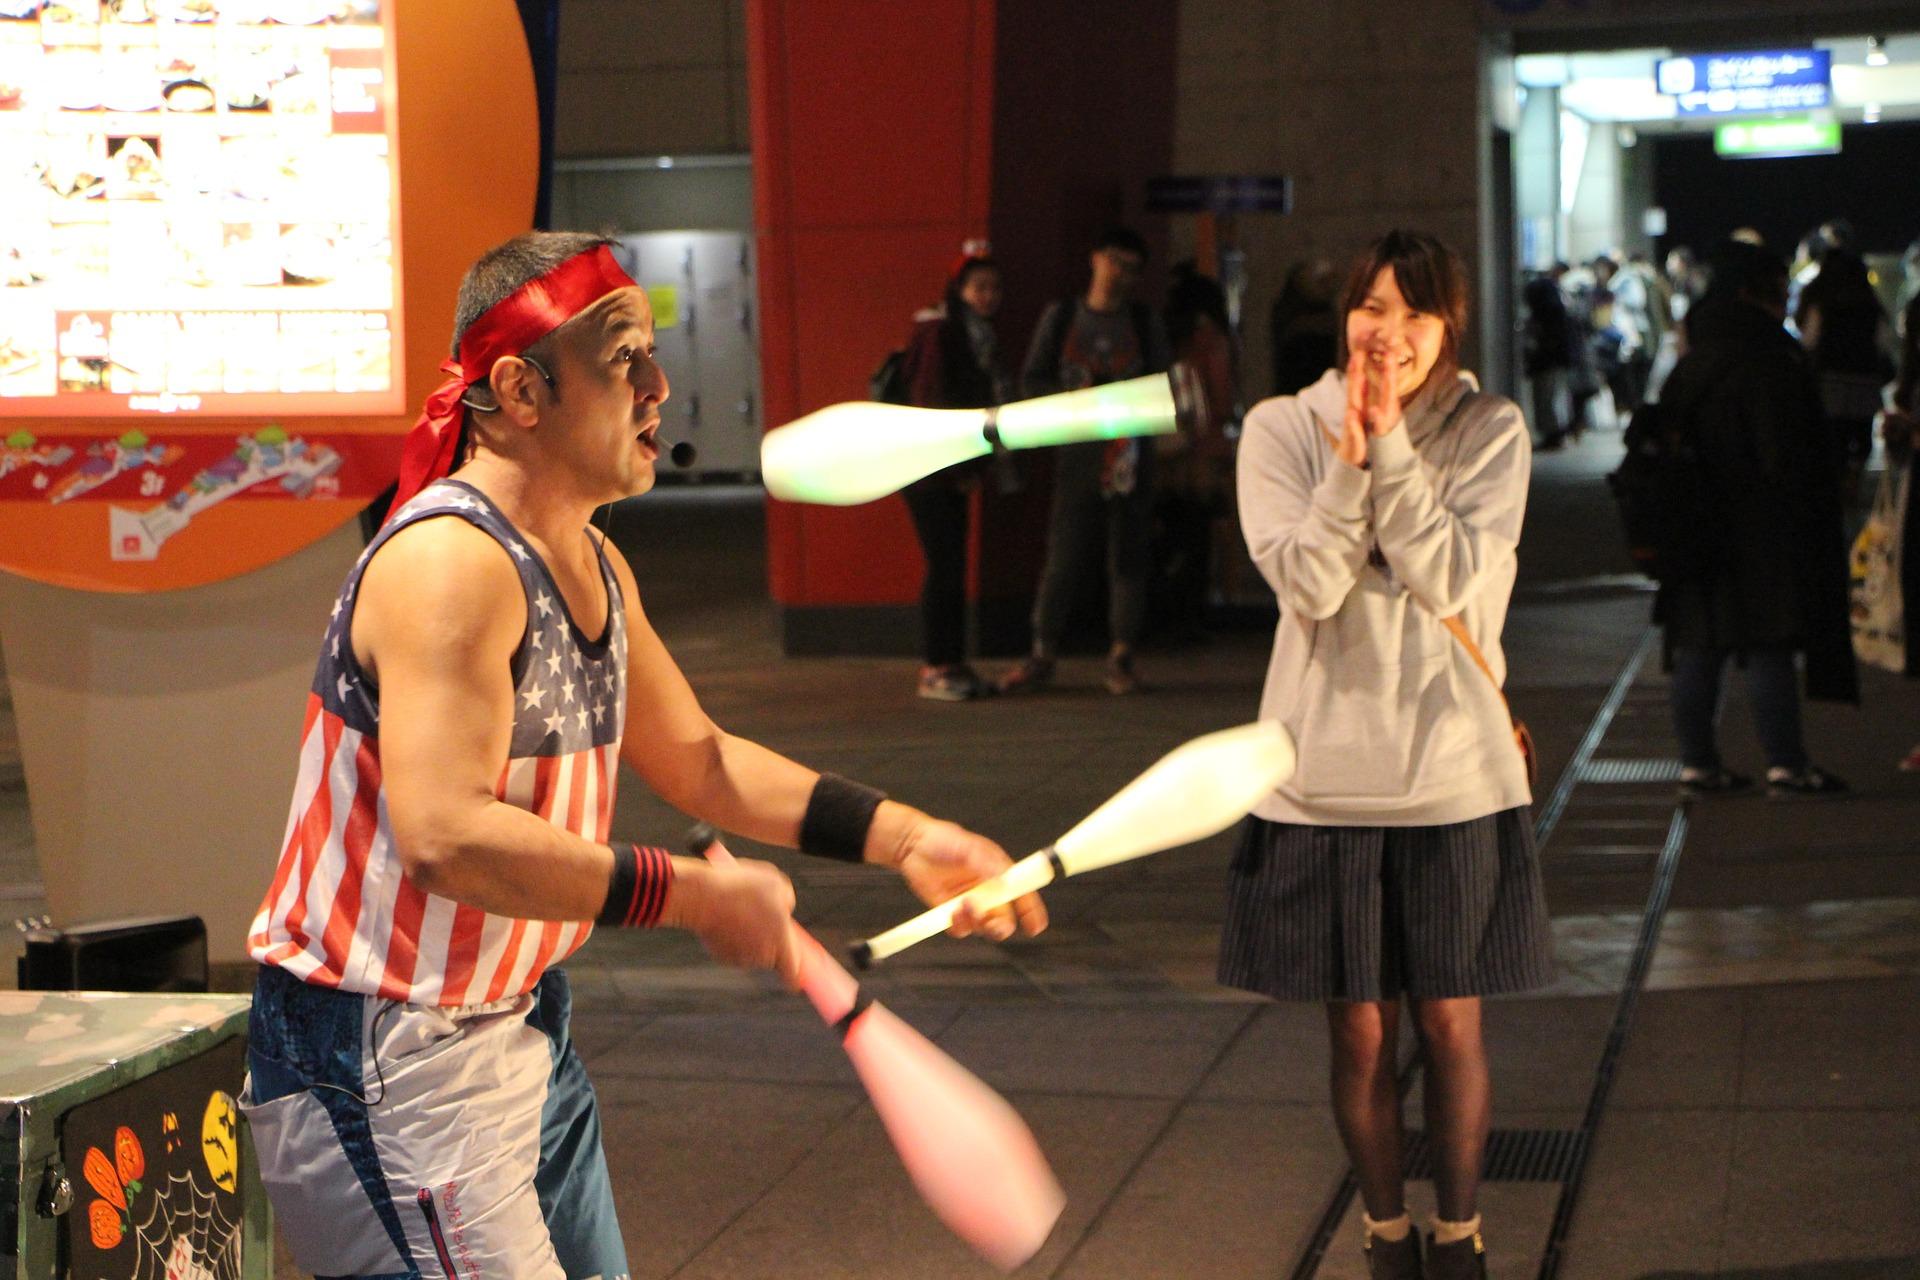 Mediana zarobków żonglerów w USA wynosi ok. 39 tys. dol. (Fot. Pixabay)